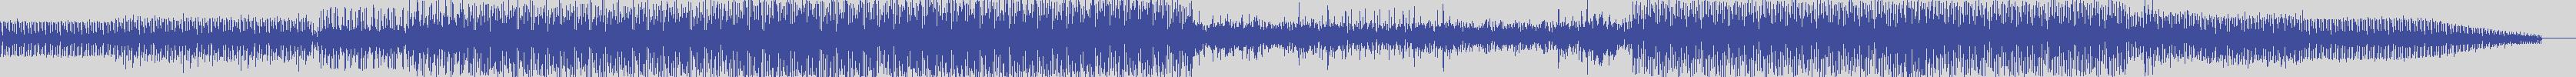 just_digital_records [JS1065] Dj Alex Del Lago - After Mid Night [Piano Soul Vrs] audio wave form